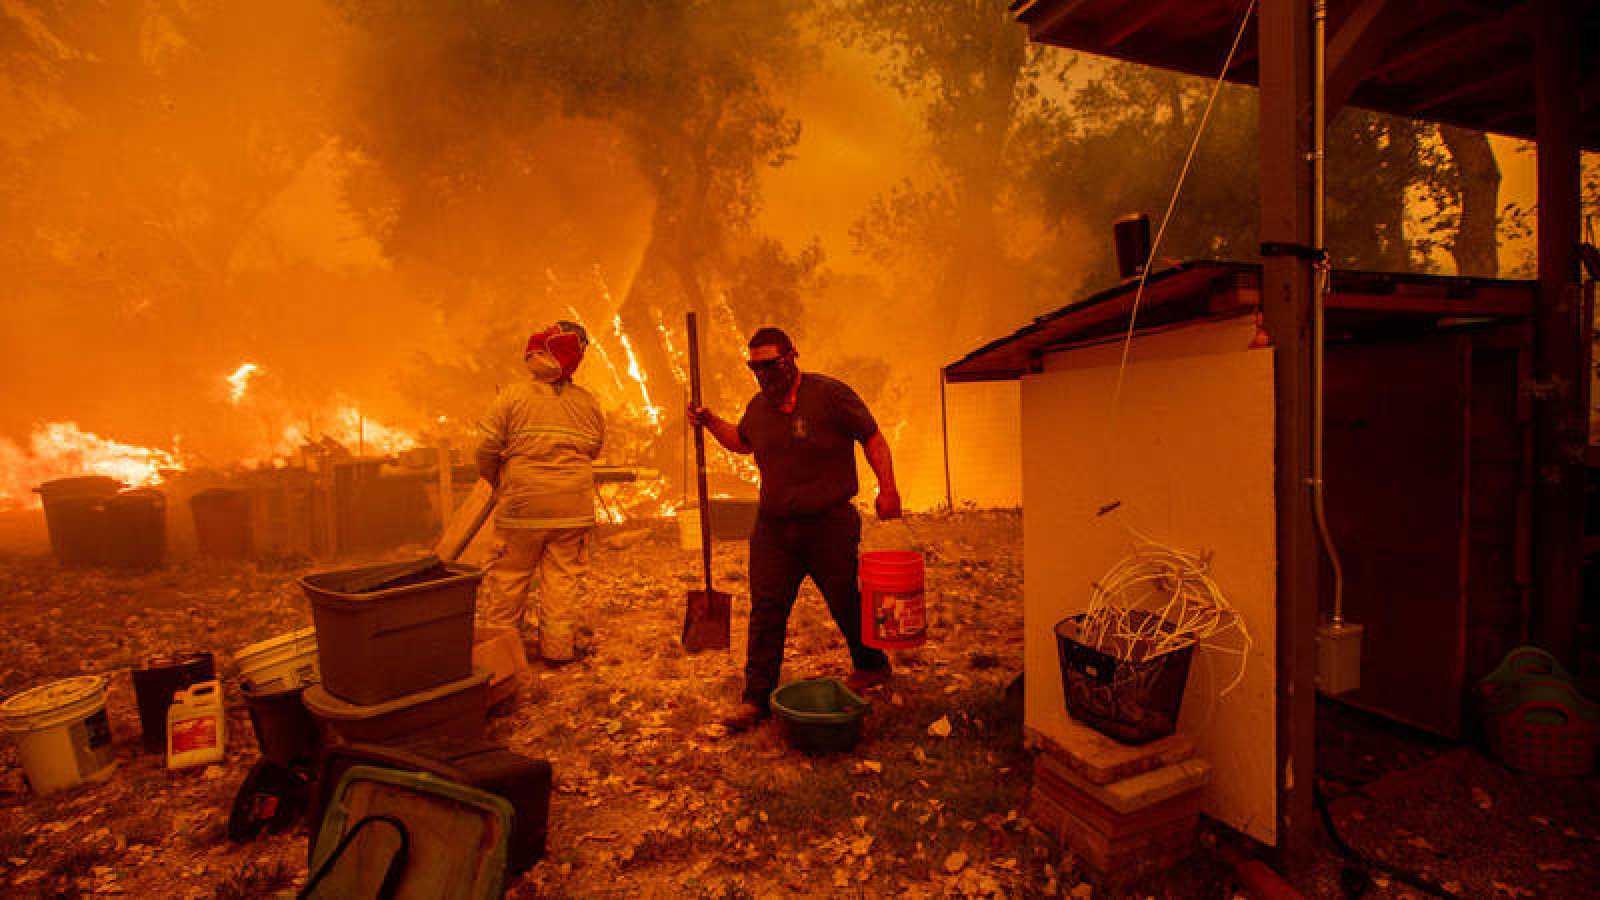 El incendio de Mendocino Complex, en California, es ya el peor de la historia de este estado de EE.UU.